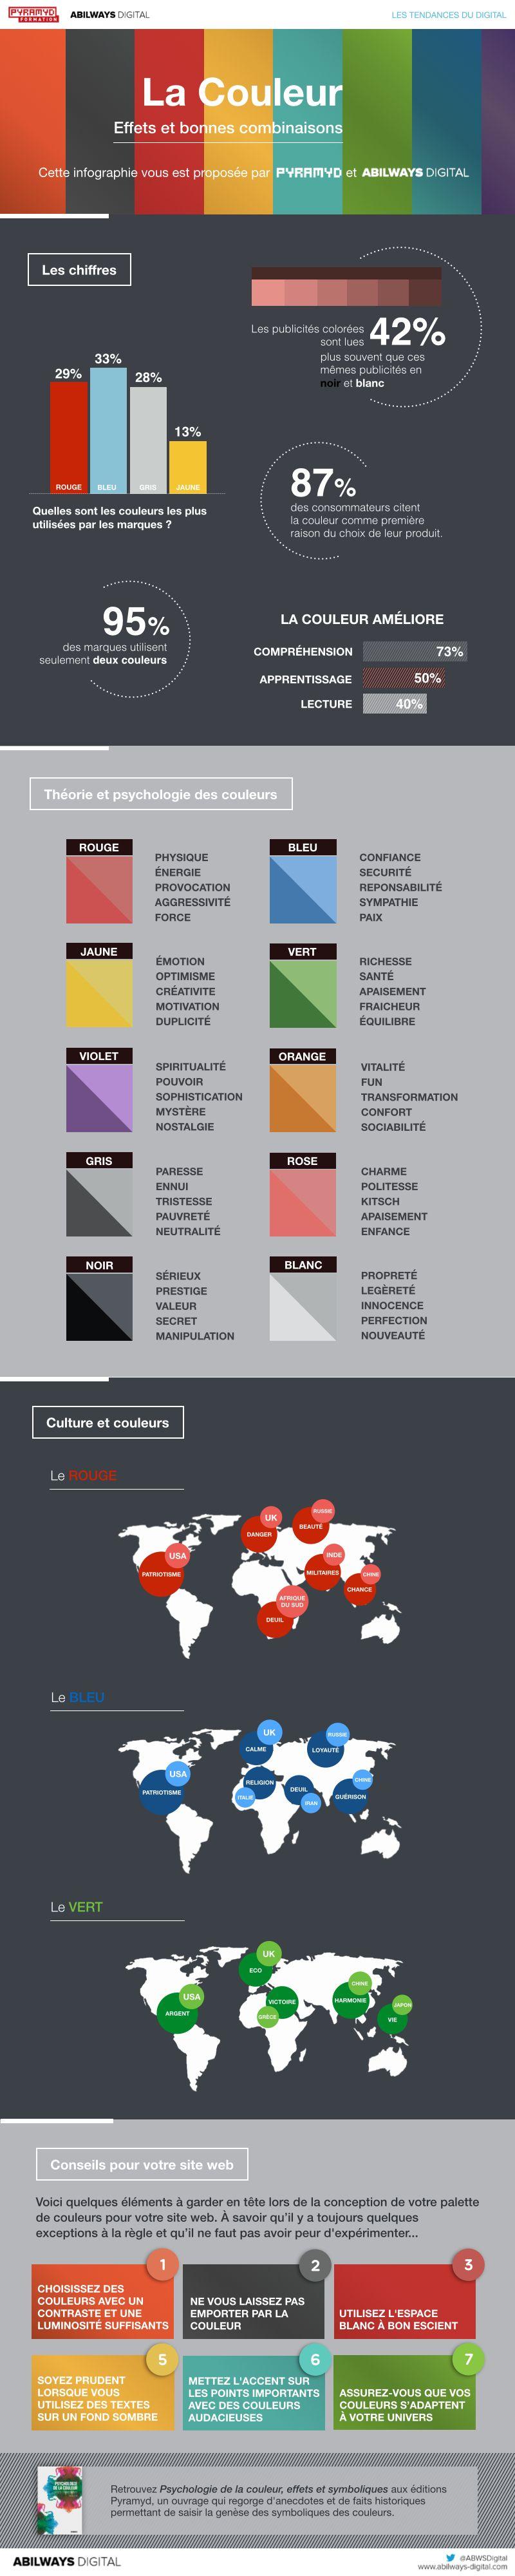 Les Couleurs Les Marques Design Audreytips Via Abwsdigital Psychologie Des Couleurs Infographie Couleur